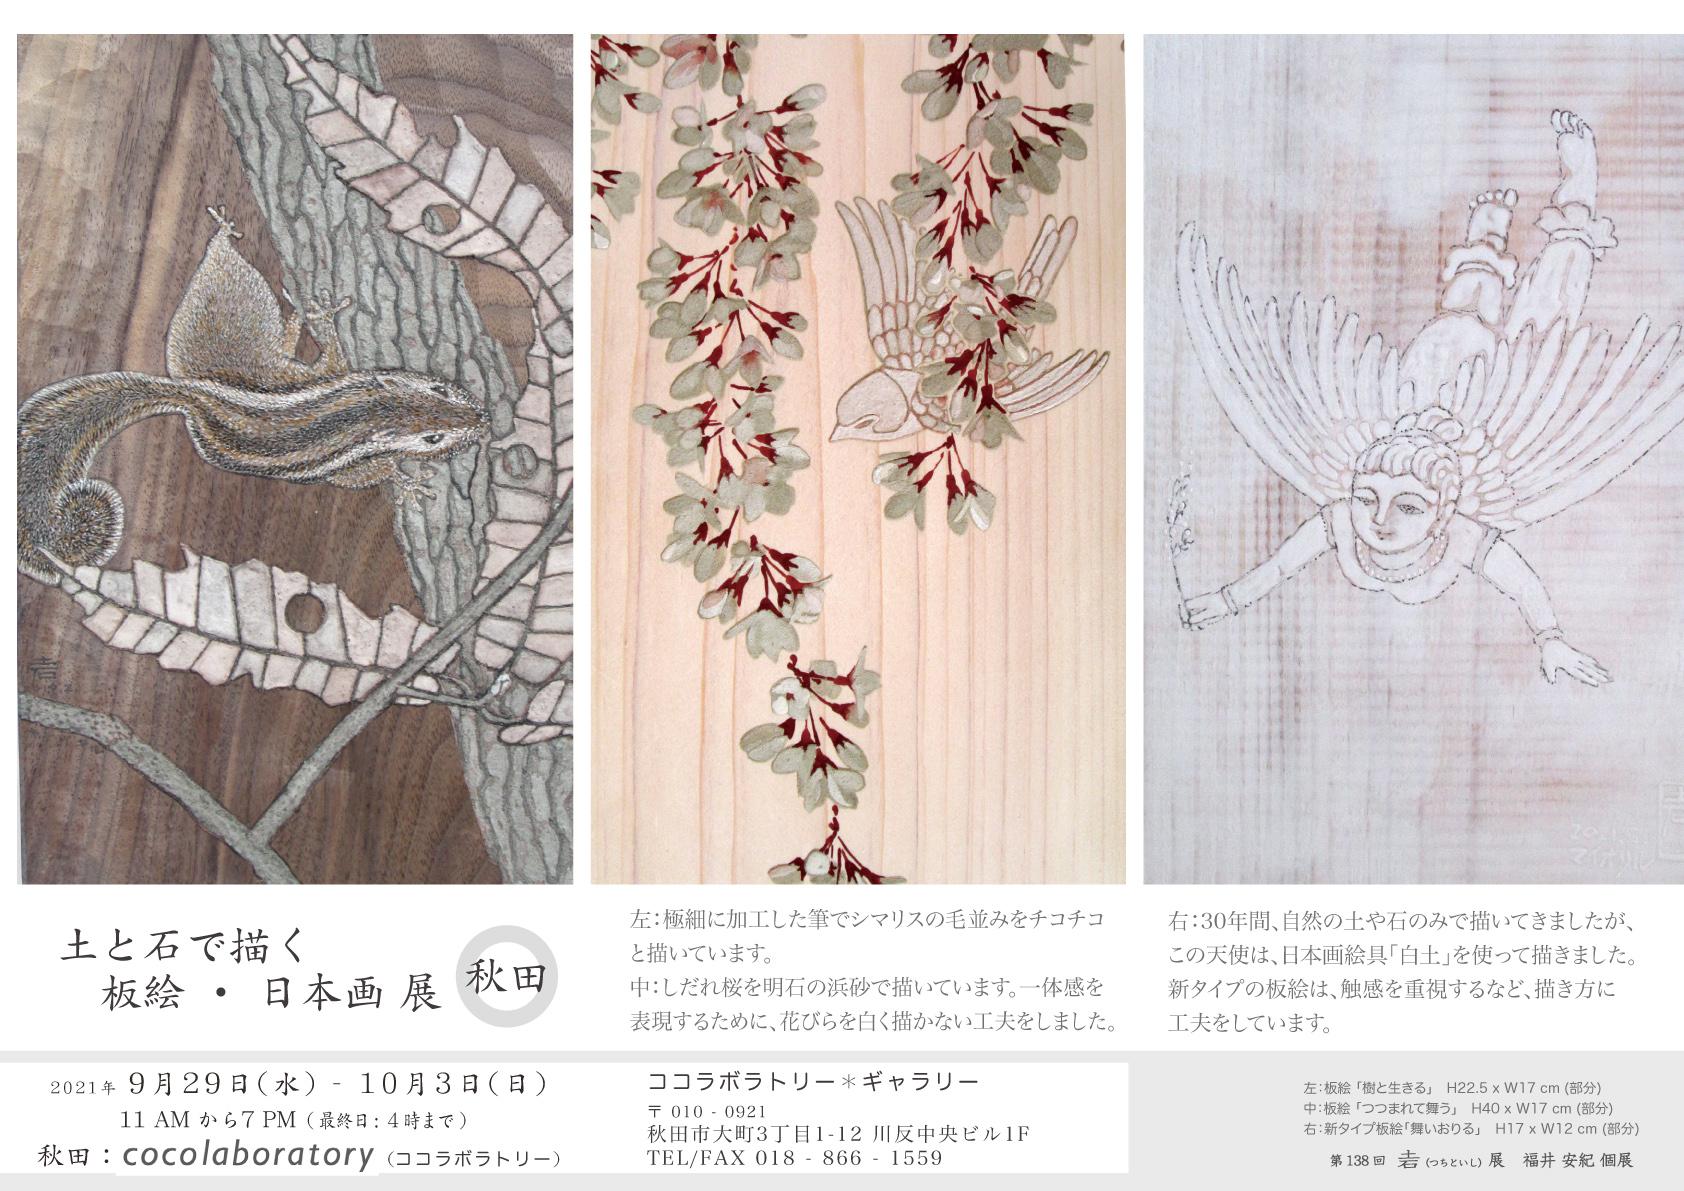 土と石で描く 板絵・日本画展 福井安紀個展